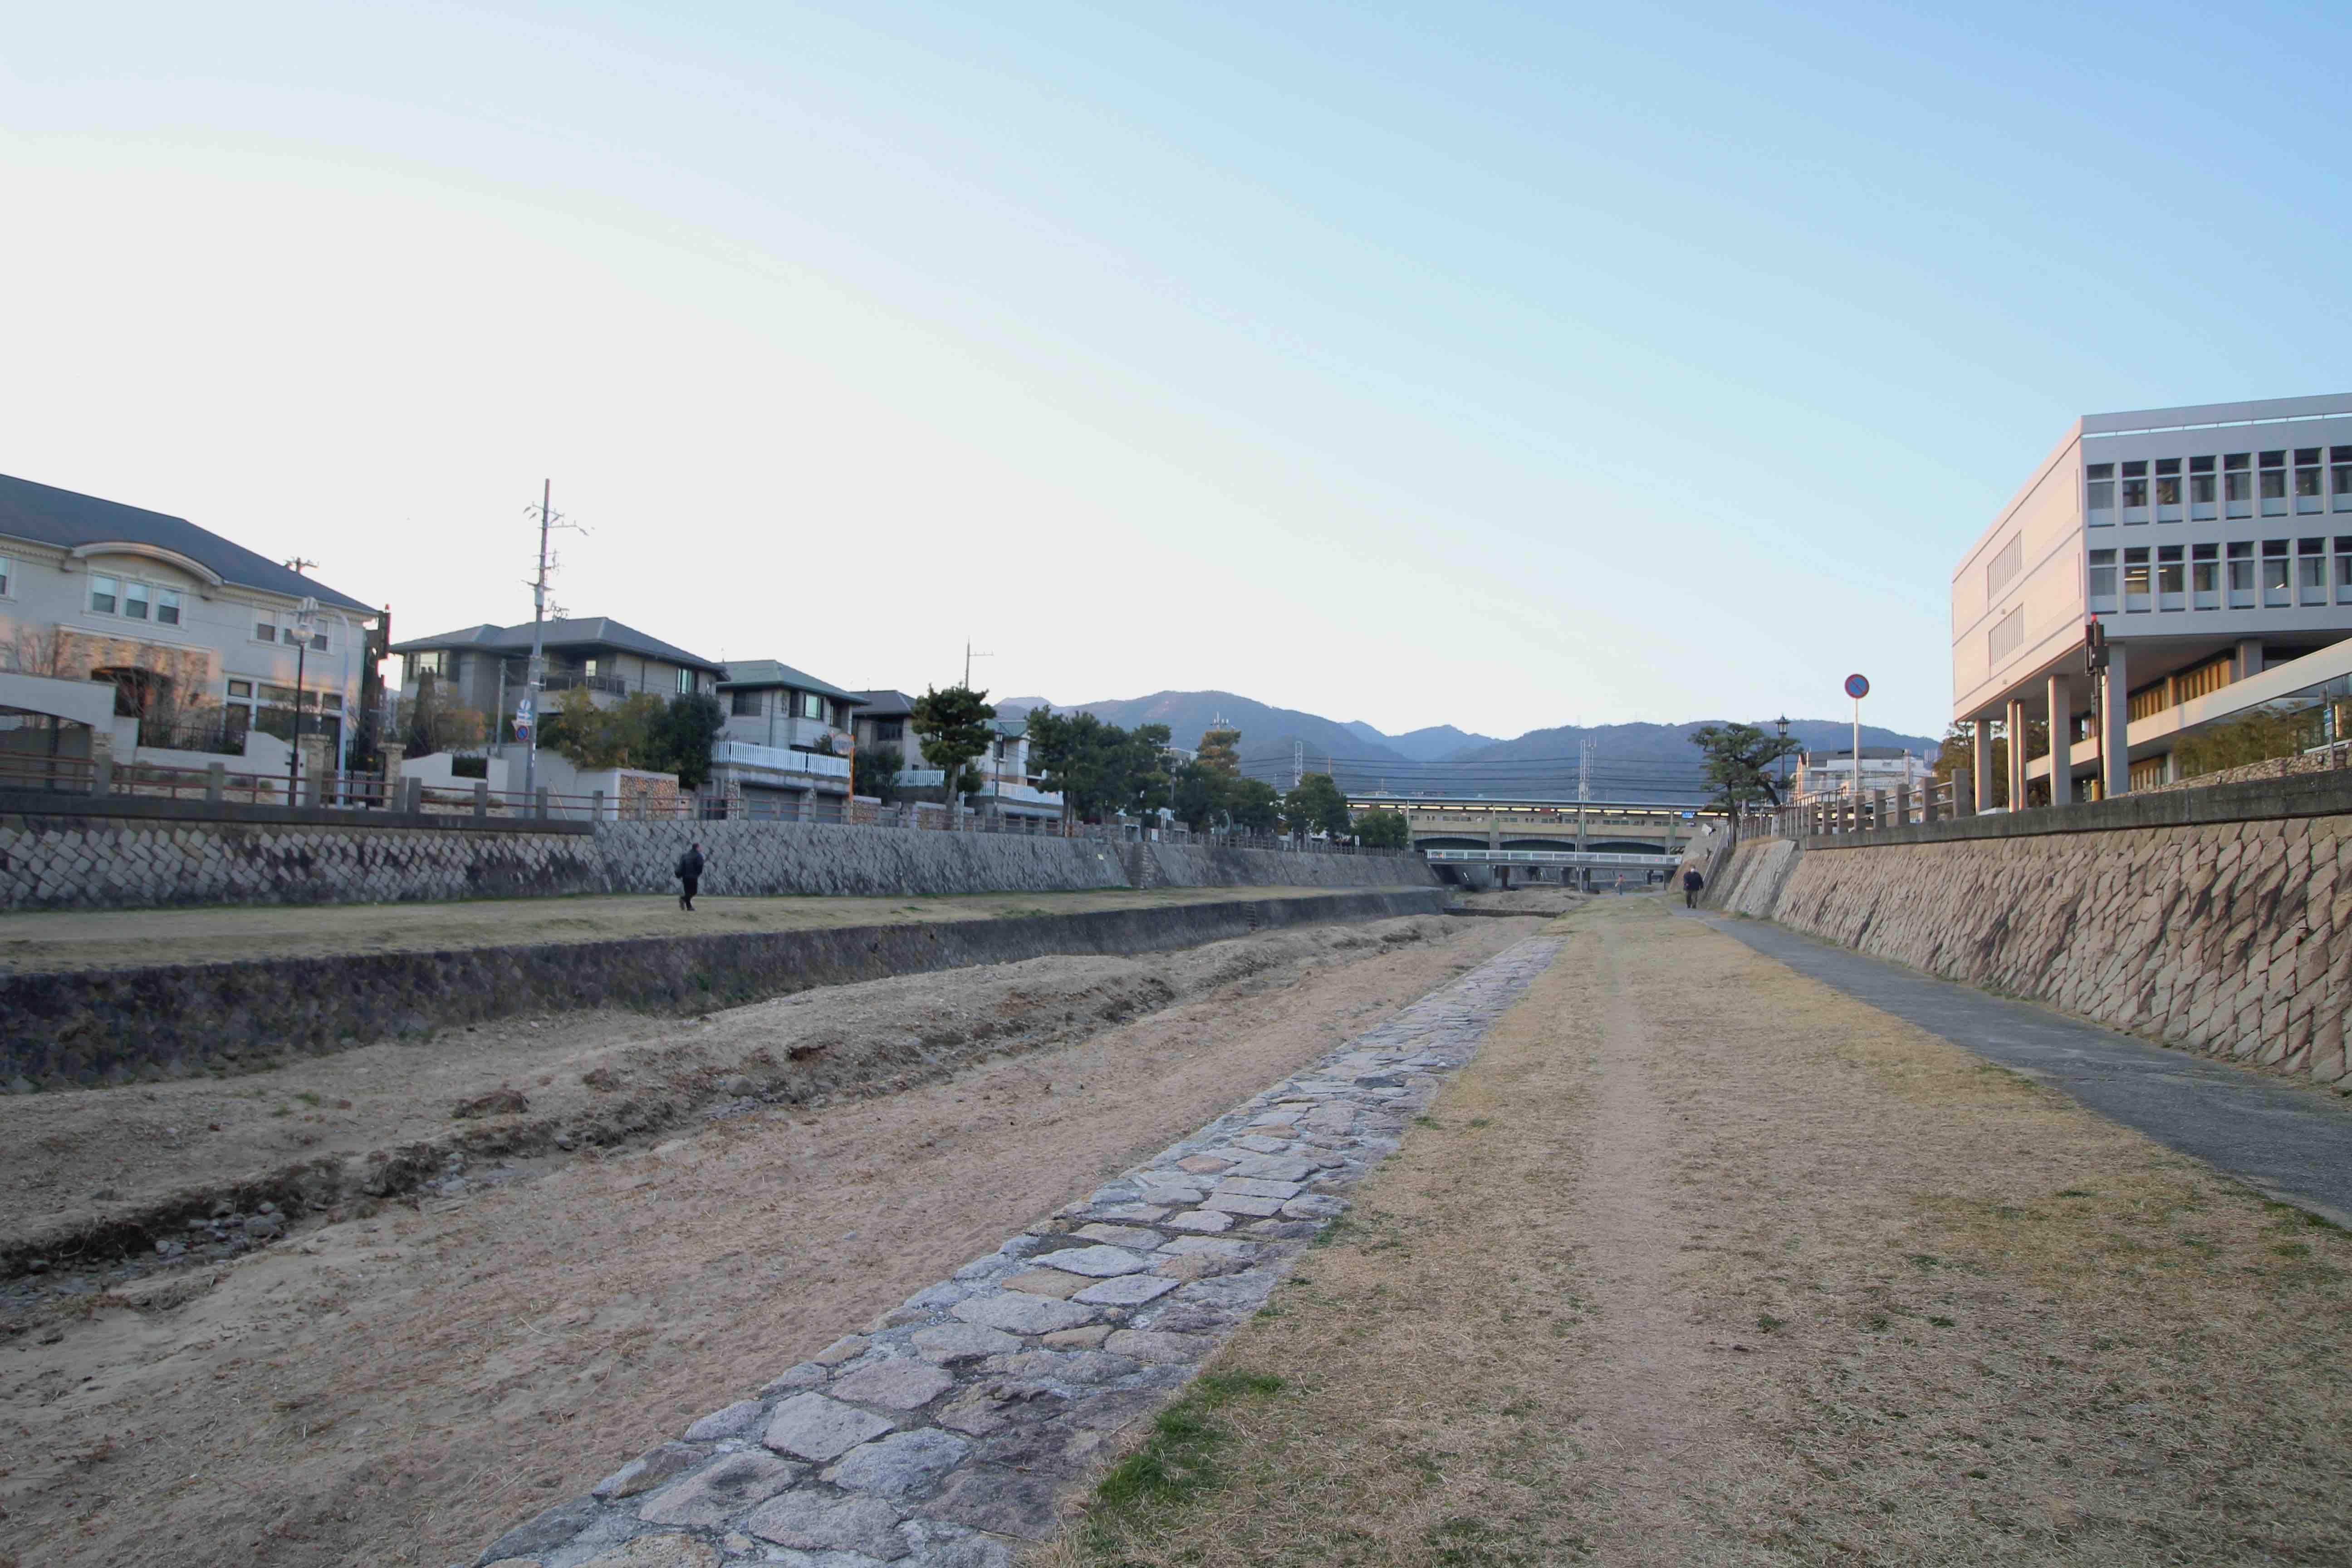 本物件から阪神芦屋駅へは河川敷に降りて行き来したい